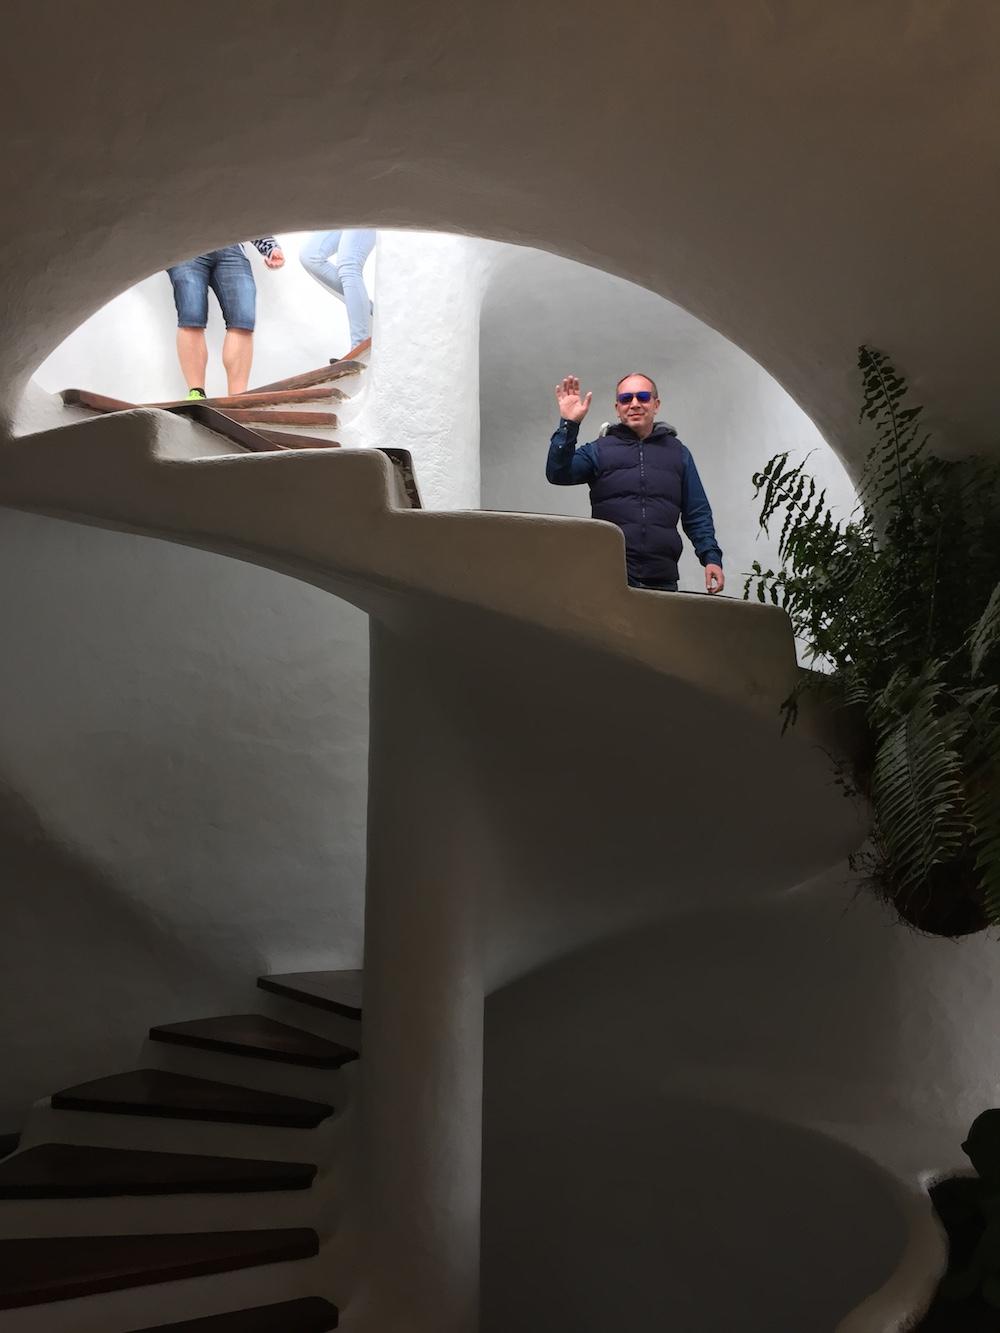 Die offene Wendeltreppe führt zur Aussichtsplattform